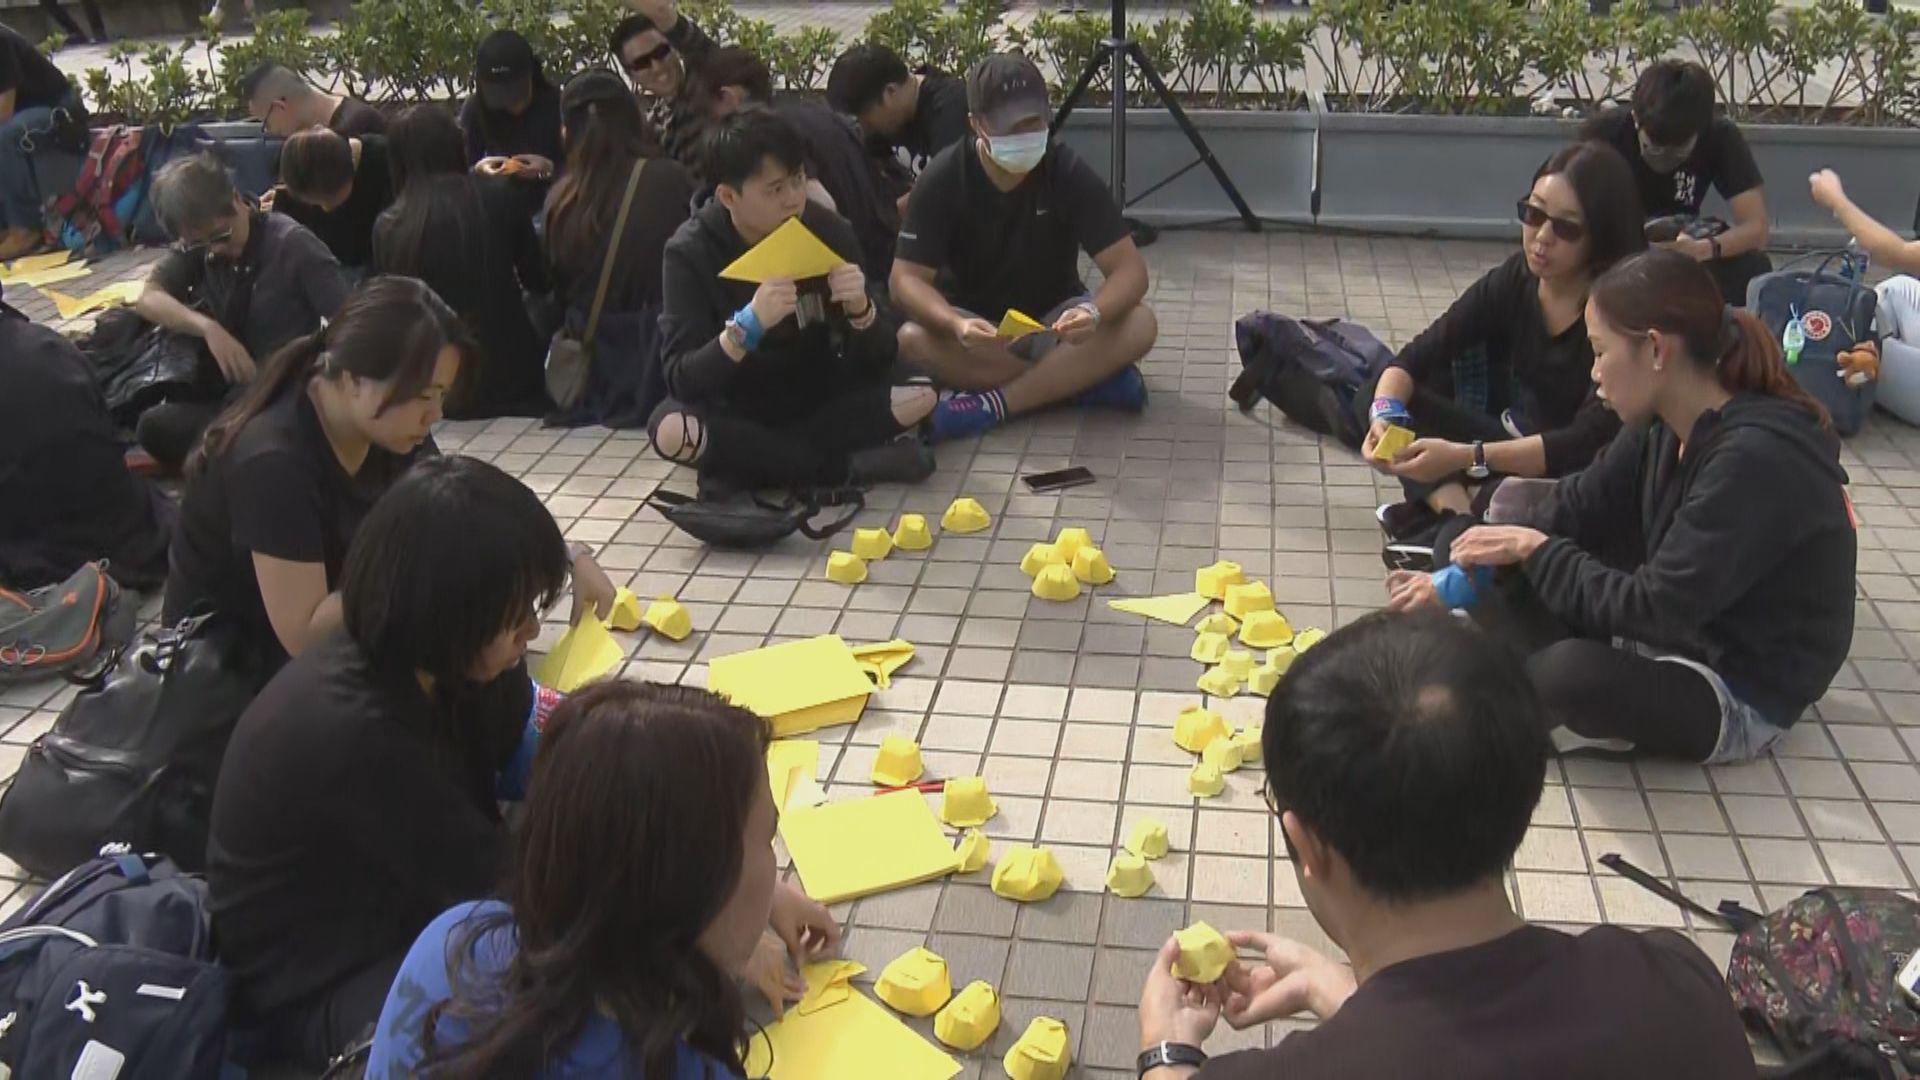 社福界一連三日罷工爭取民間訴求